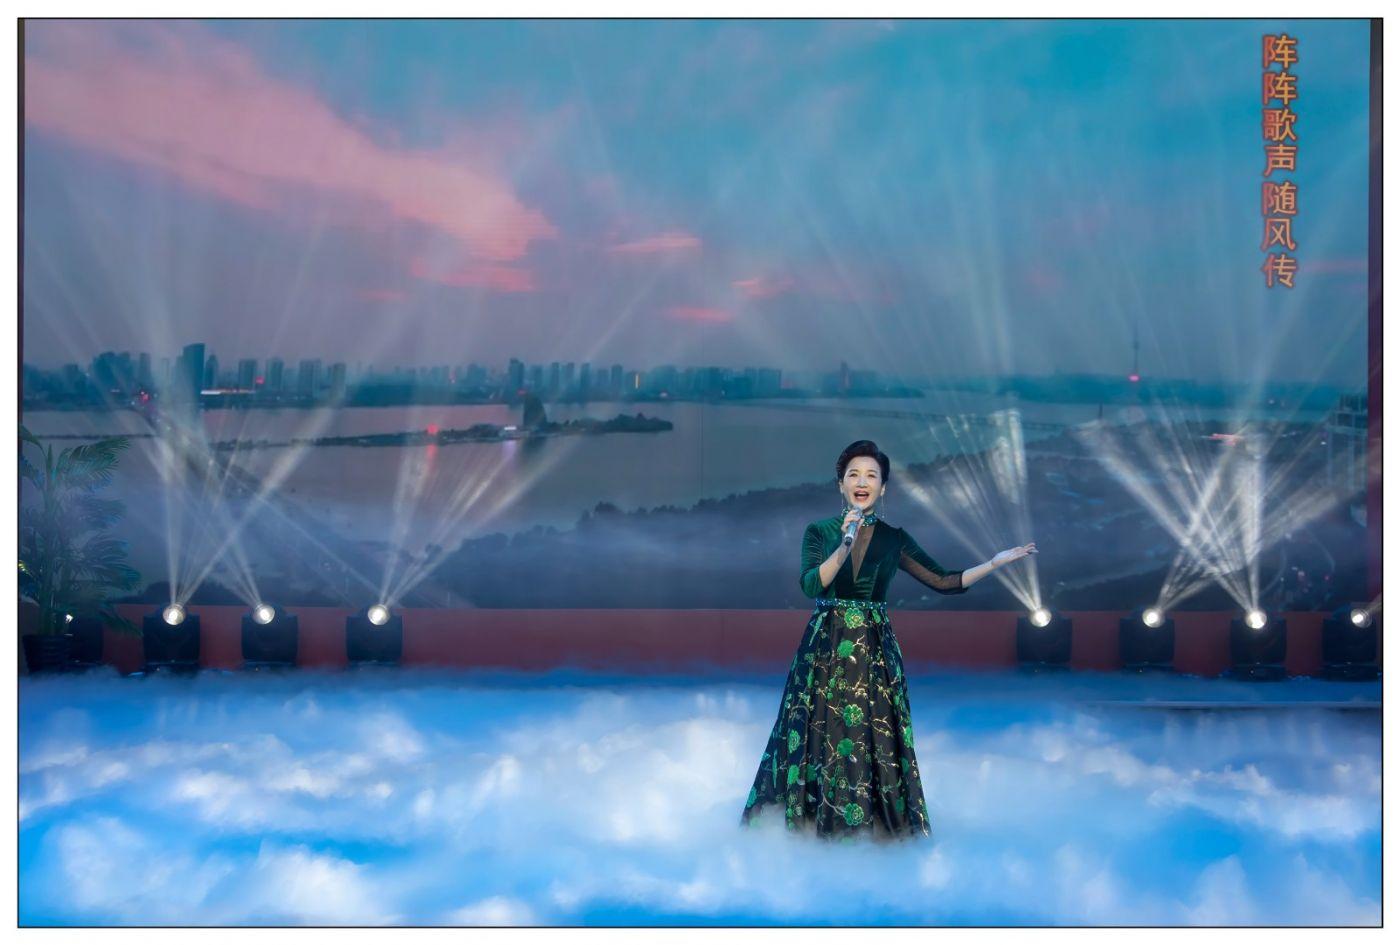 又见星光大道冠军歌手张海军 1月26央视播出 将自己唱哭的歌手 ..._图1-11